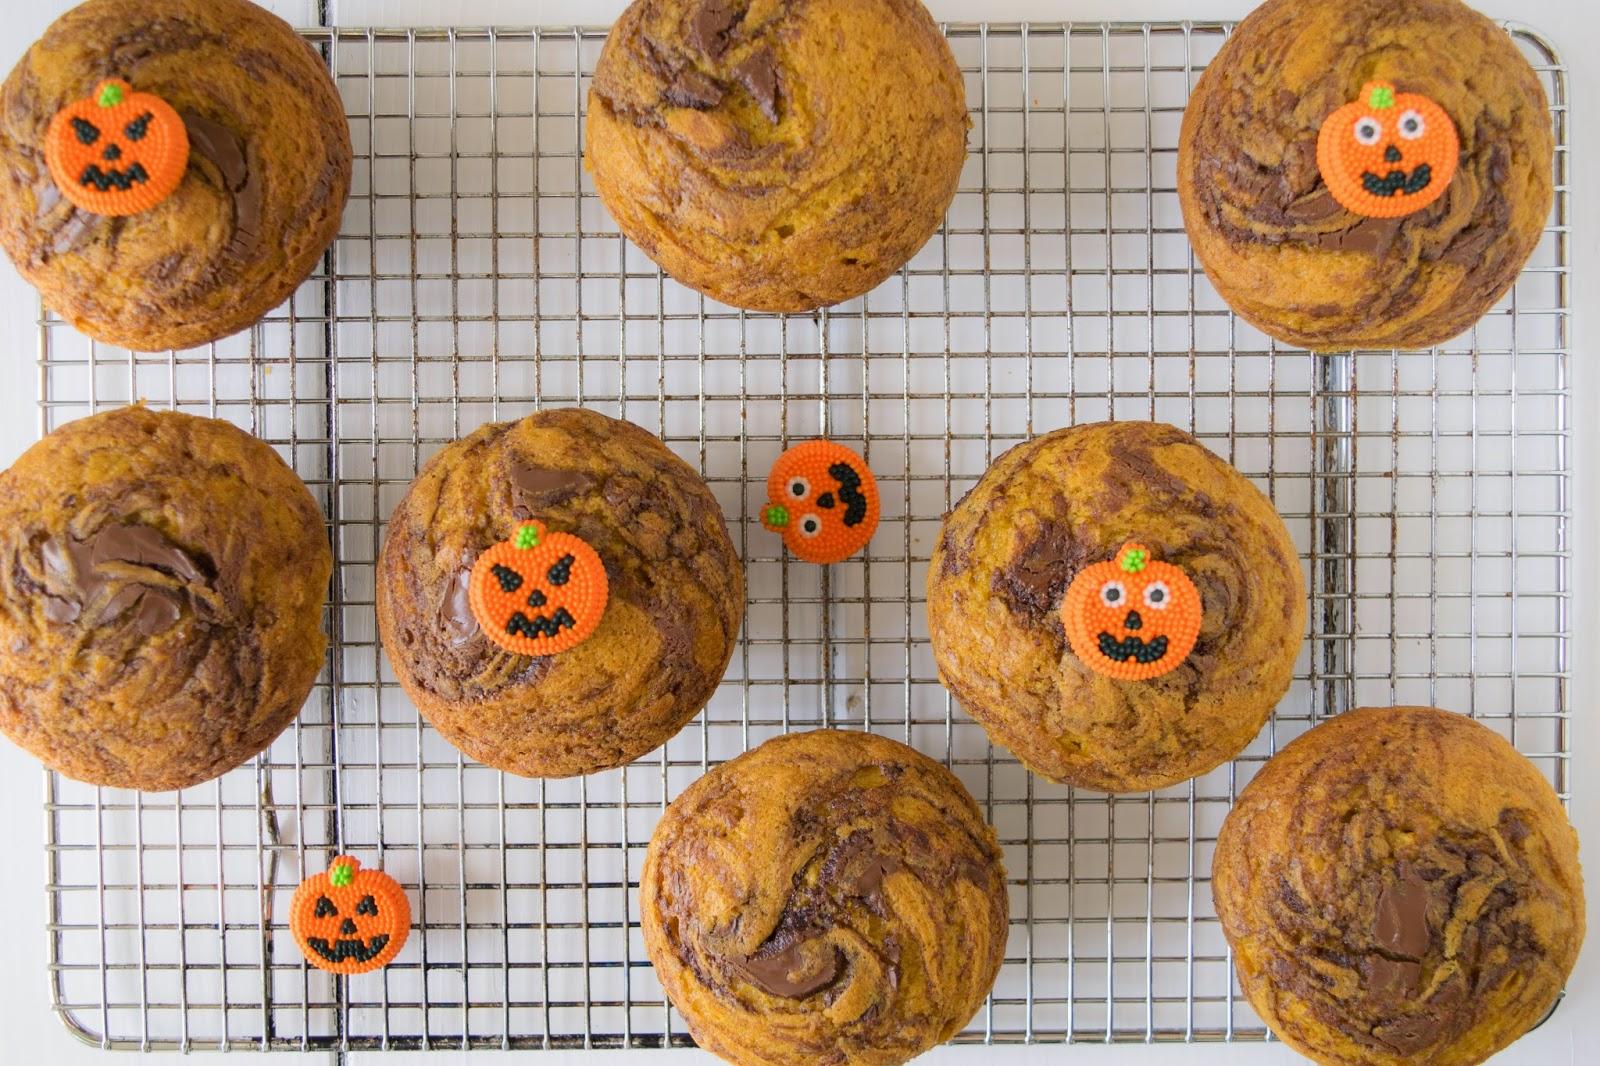 Pumpkin%2Bchocolate%2Bswirl%2Bmuffins29.jpg